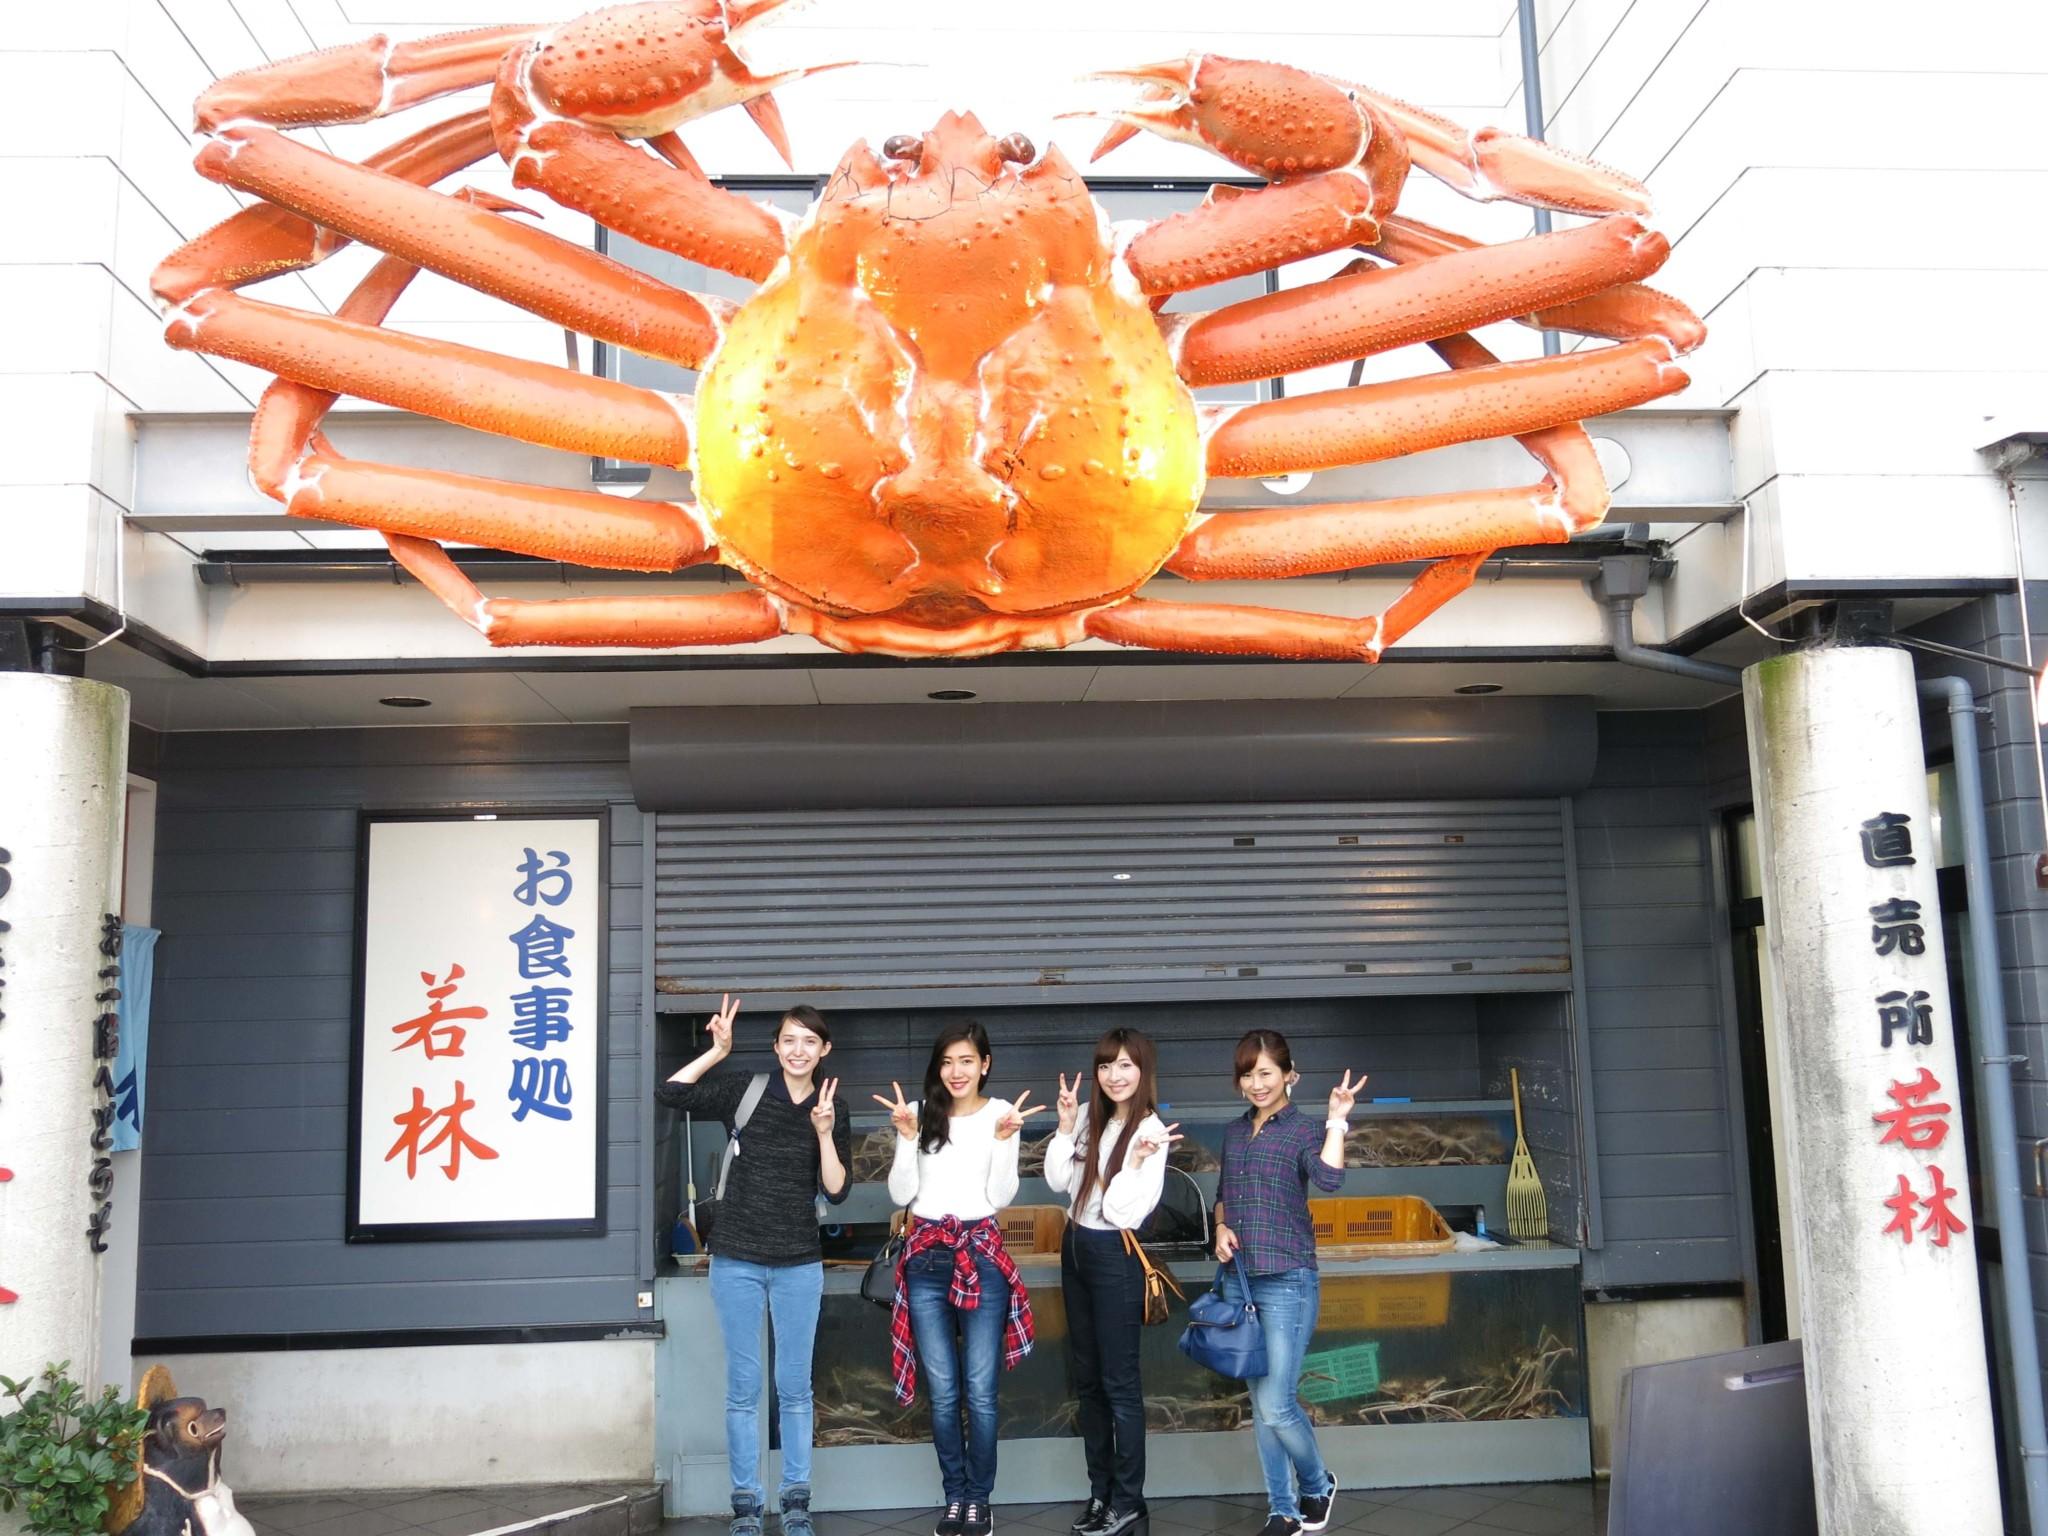 左から、斉藤アリス、御堂もにかさん(No.151)、五位渕のぞみさん(No.158)、尾谷萌さん(No.063)。